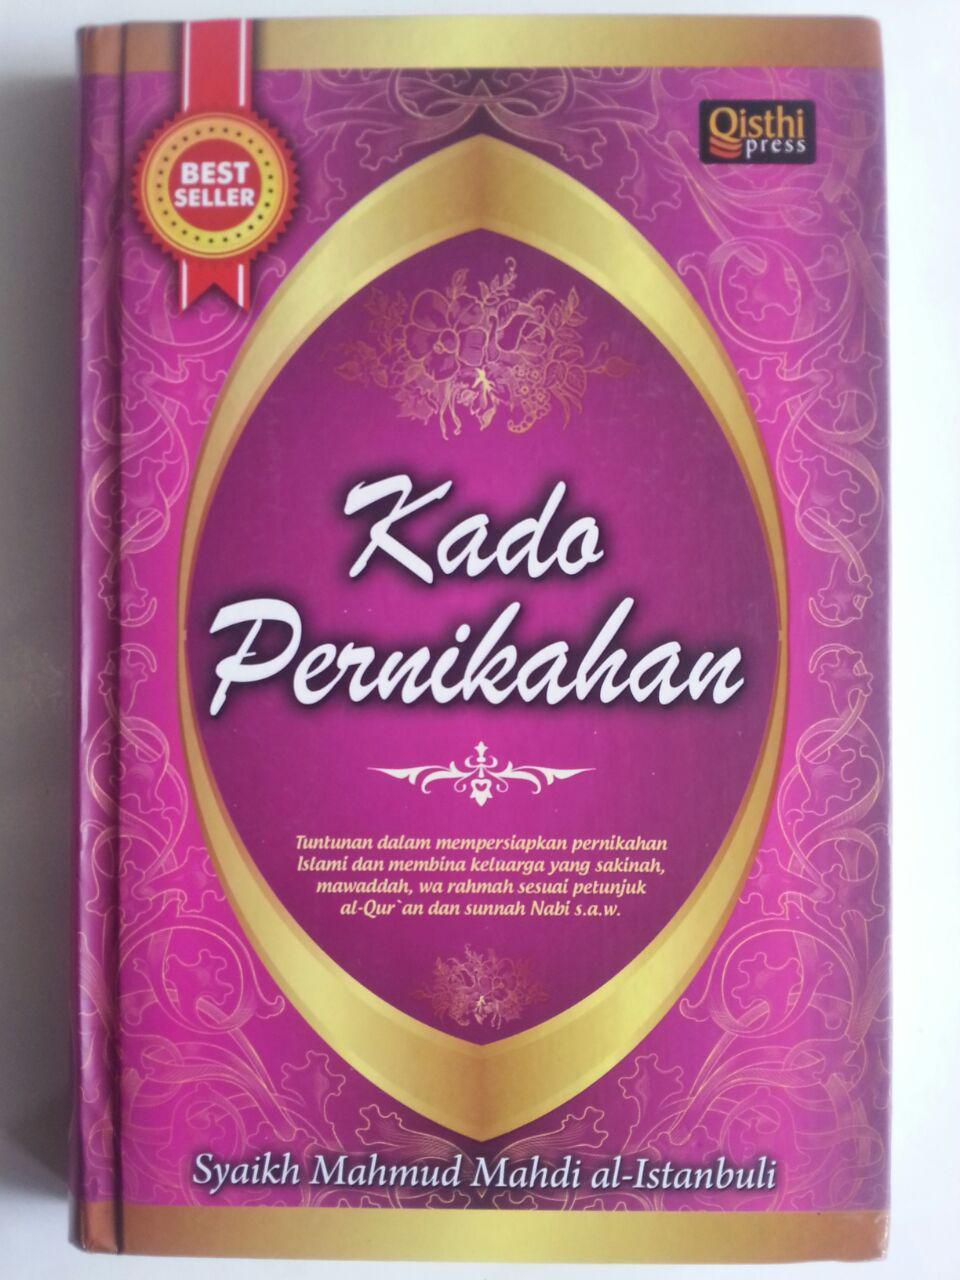 Buku Kado Perkawinan Tuntunan Mempersiapkan Pernikahan Islami cover 2